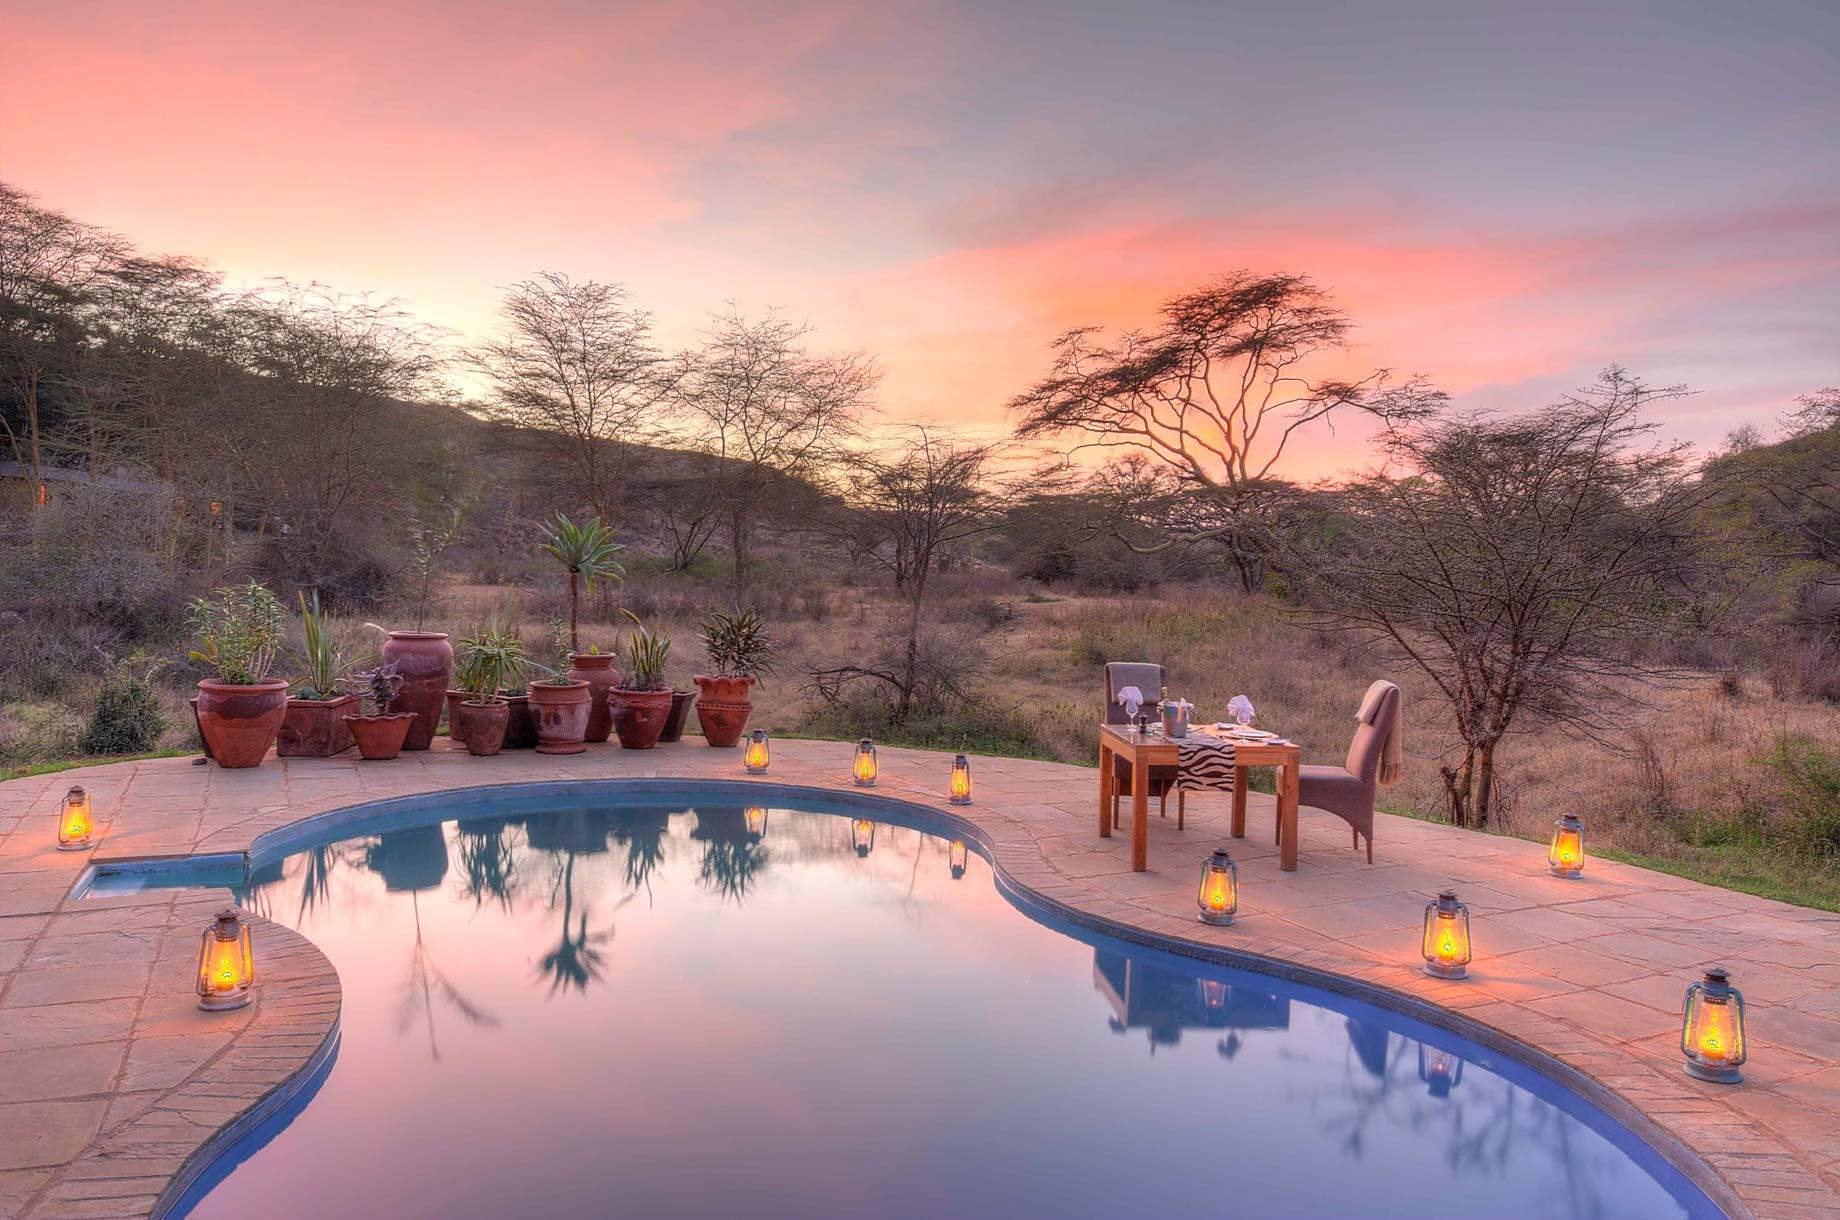 Peaceful Hotels and Lodges in Nairobi ,Kenya